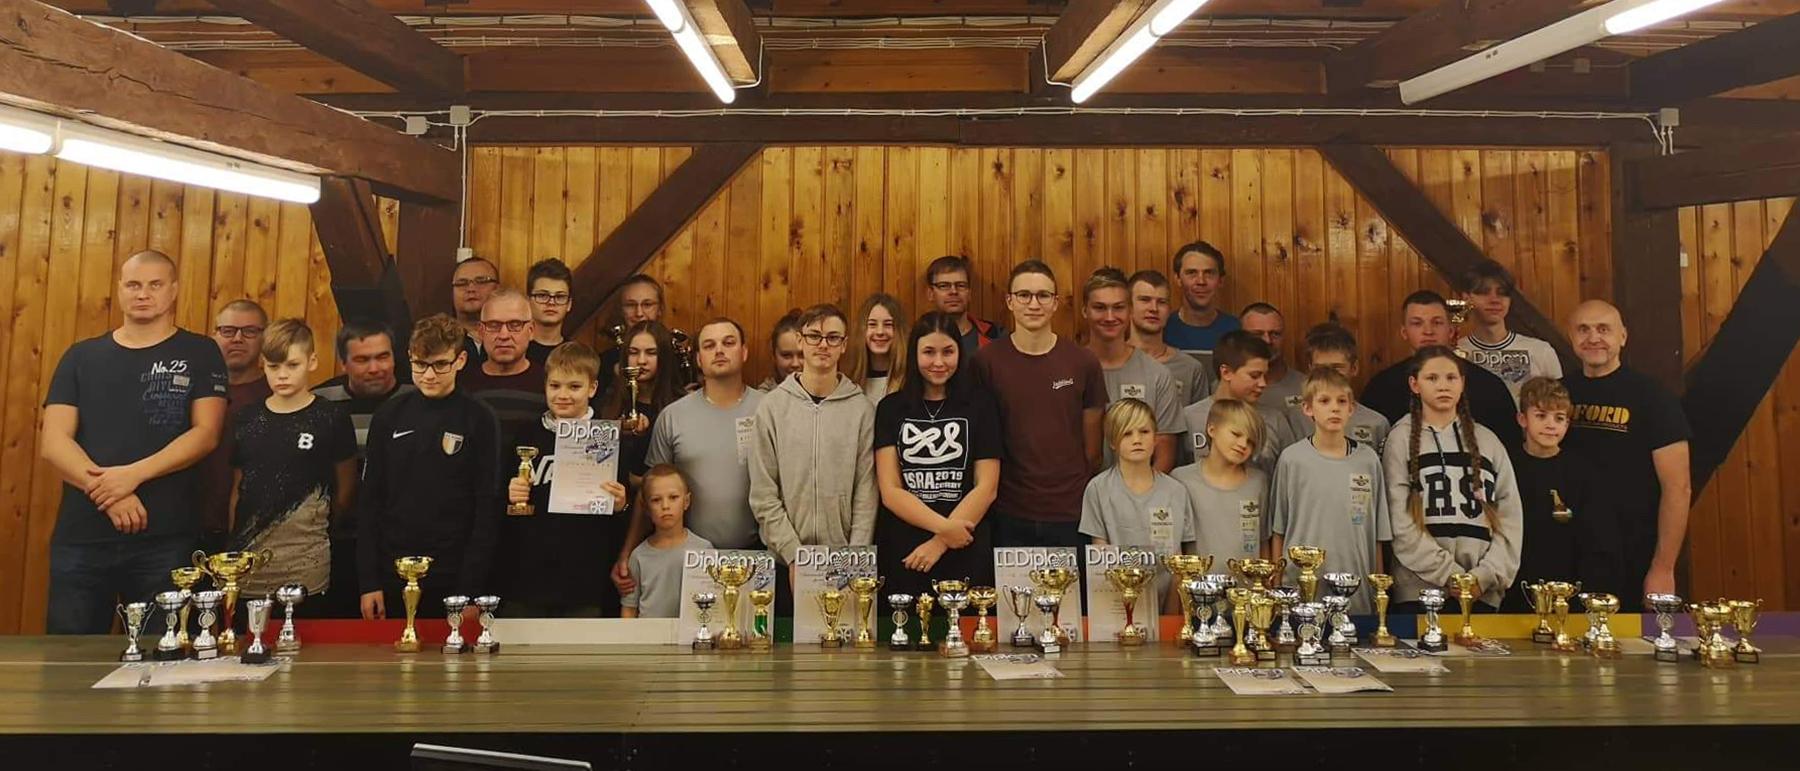 Eesti automudelismi juhtrajasõidu karikasarja 2019. aasta viimase etapi osalejad Haapsalus. Foto Johannes Mets